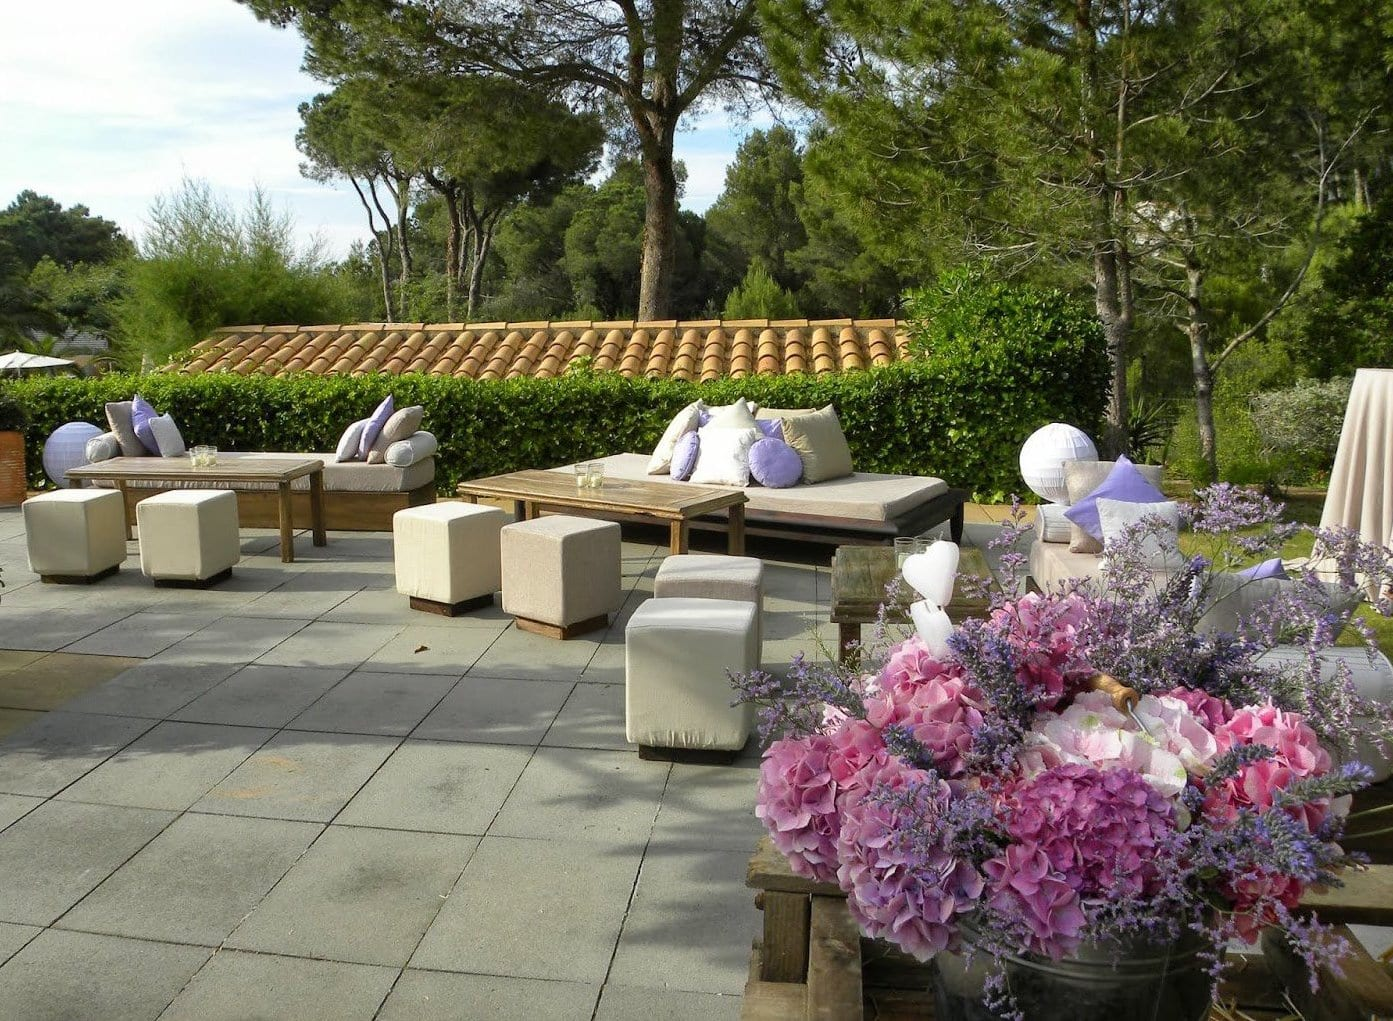 terrasse gestalten mit liegesofas aus holz  und weißen hockern